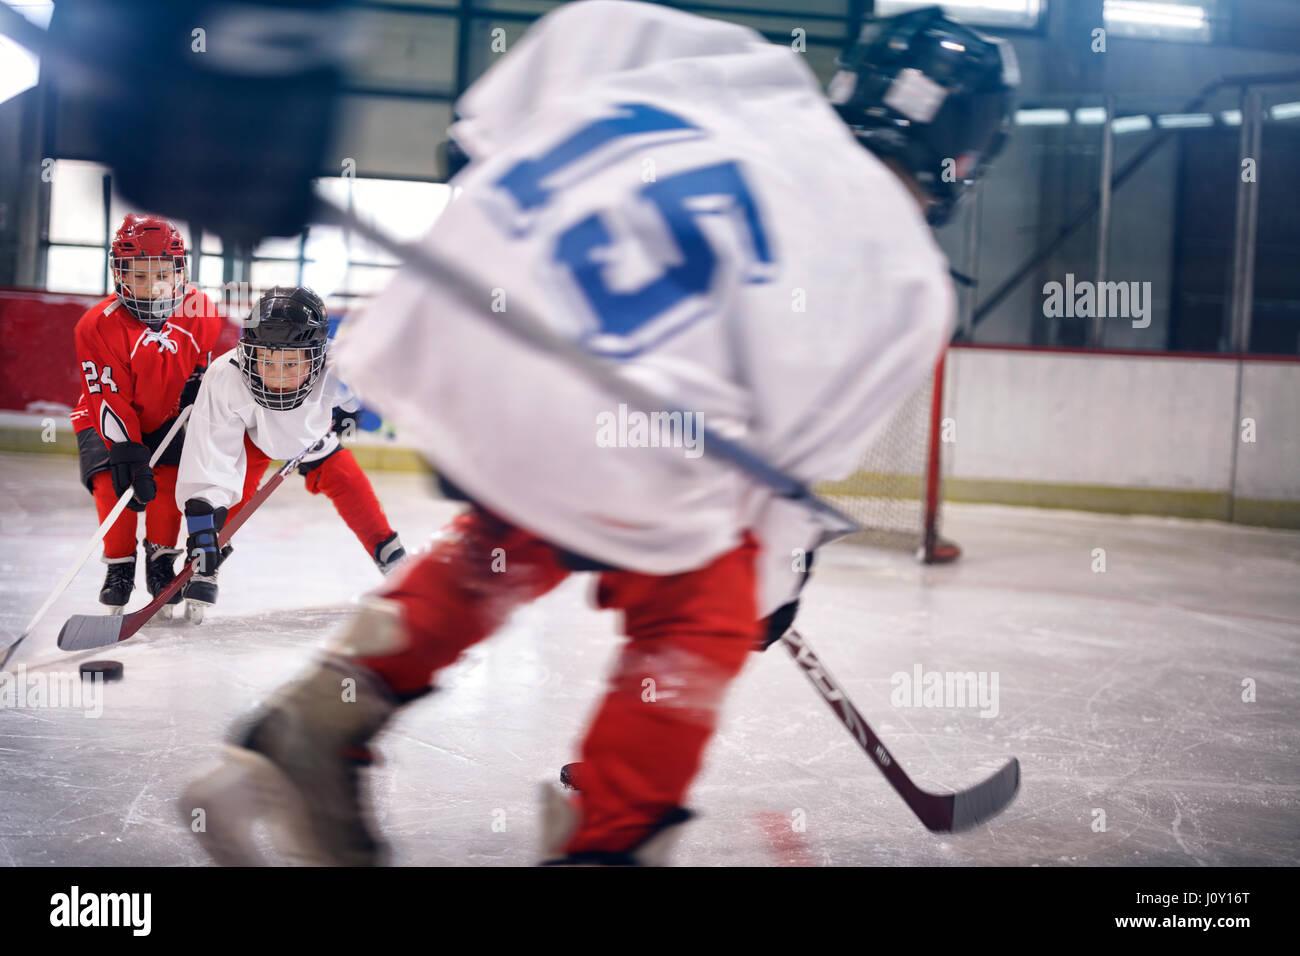 Chico jugaba a hockey sobre hielo en la pista de patinaje Imagen De Stock